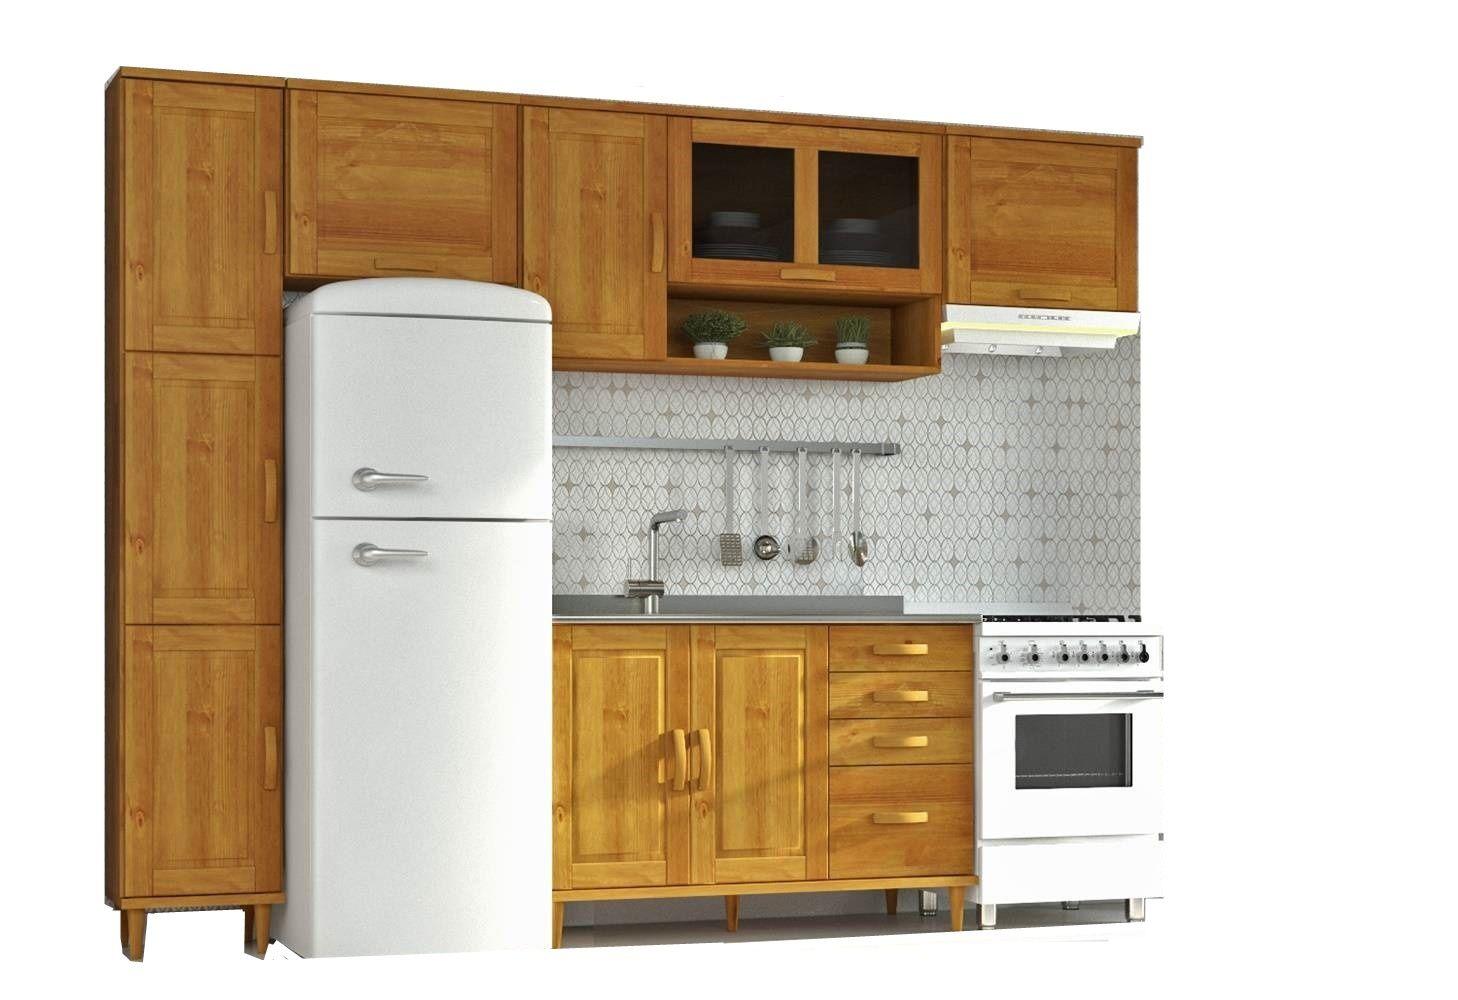 Cozinha Compacta Jade com 5 Modulos em Madeira Maciça - Cor Nogueira